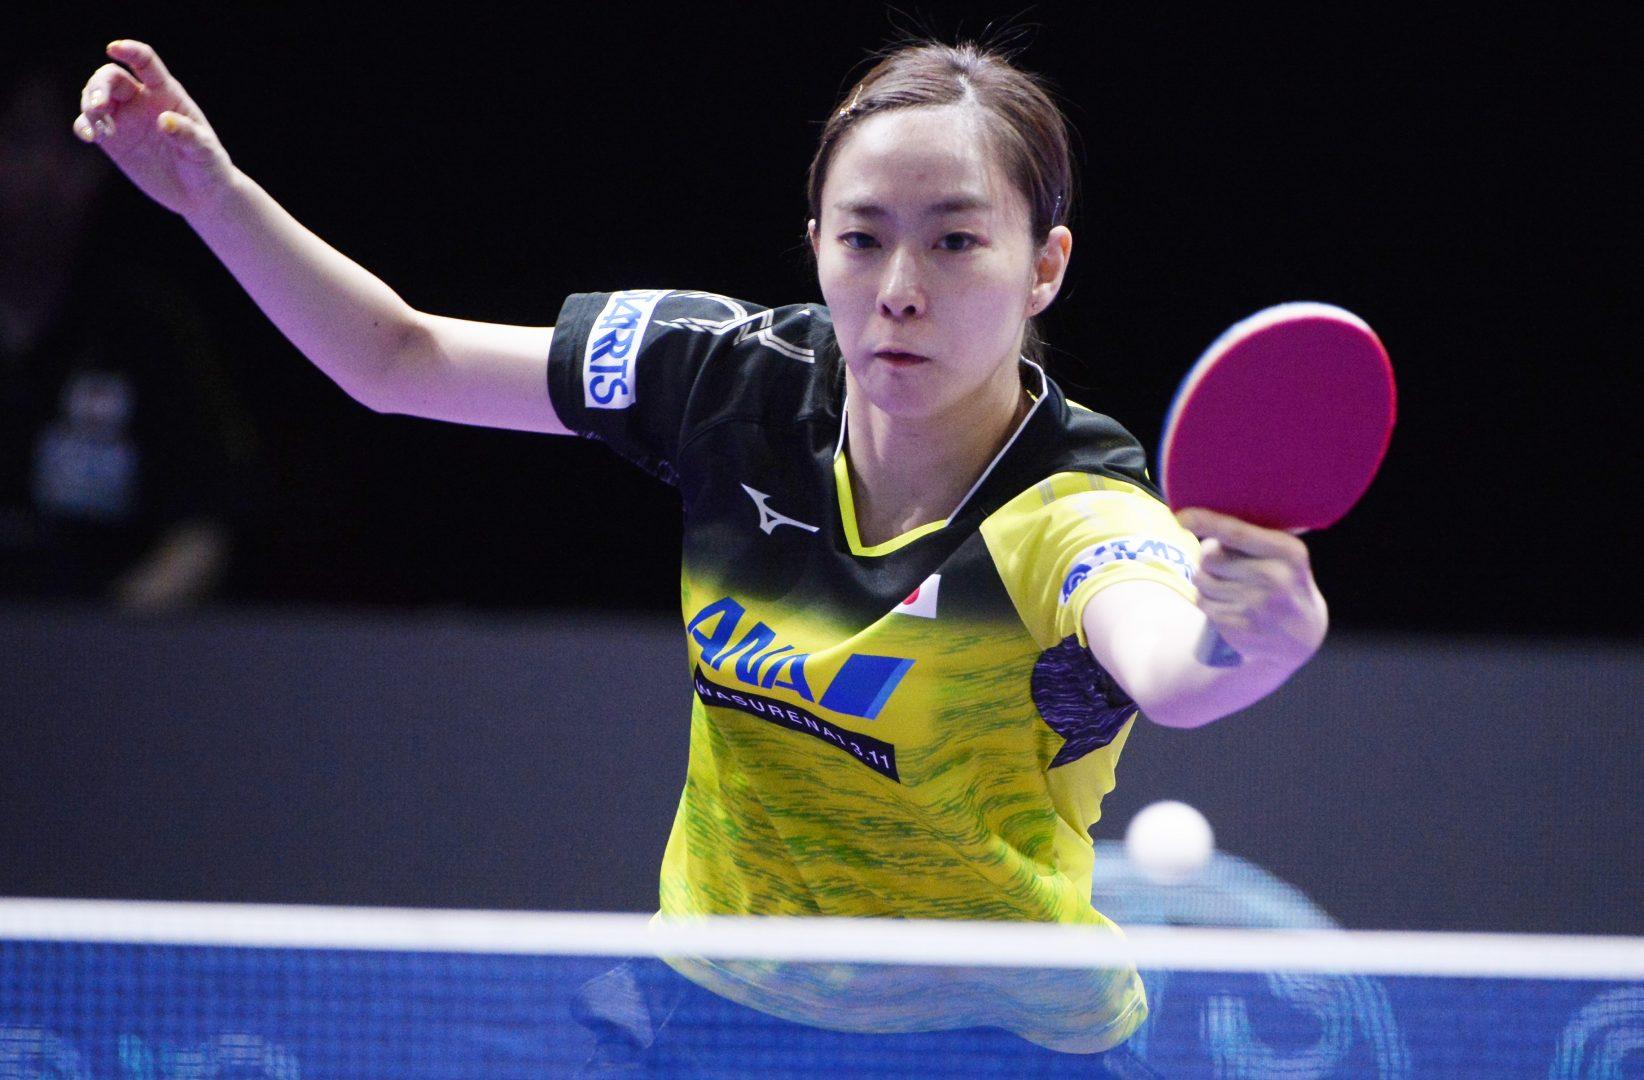 【卓球】石川佳純が3位に 大黒柱の意地見せる<ITTF韓国オープン 5日目女子の結果>